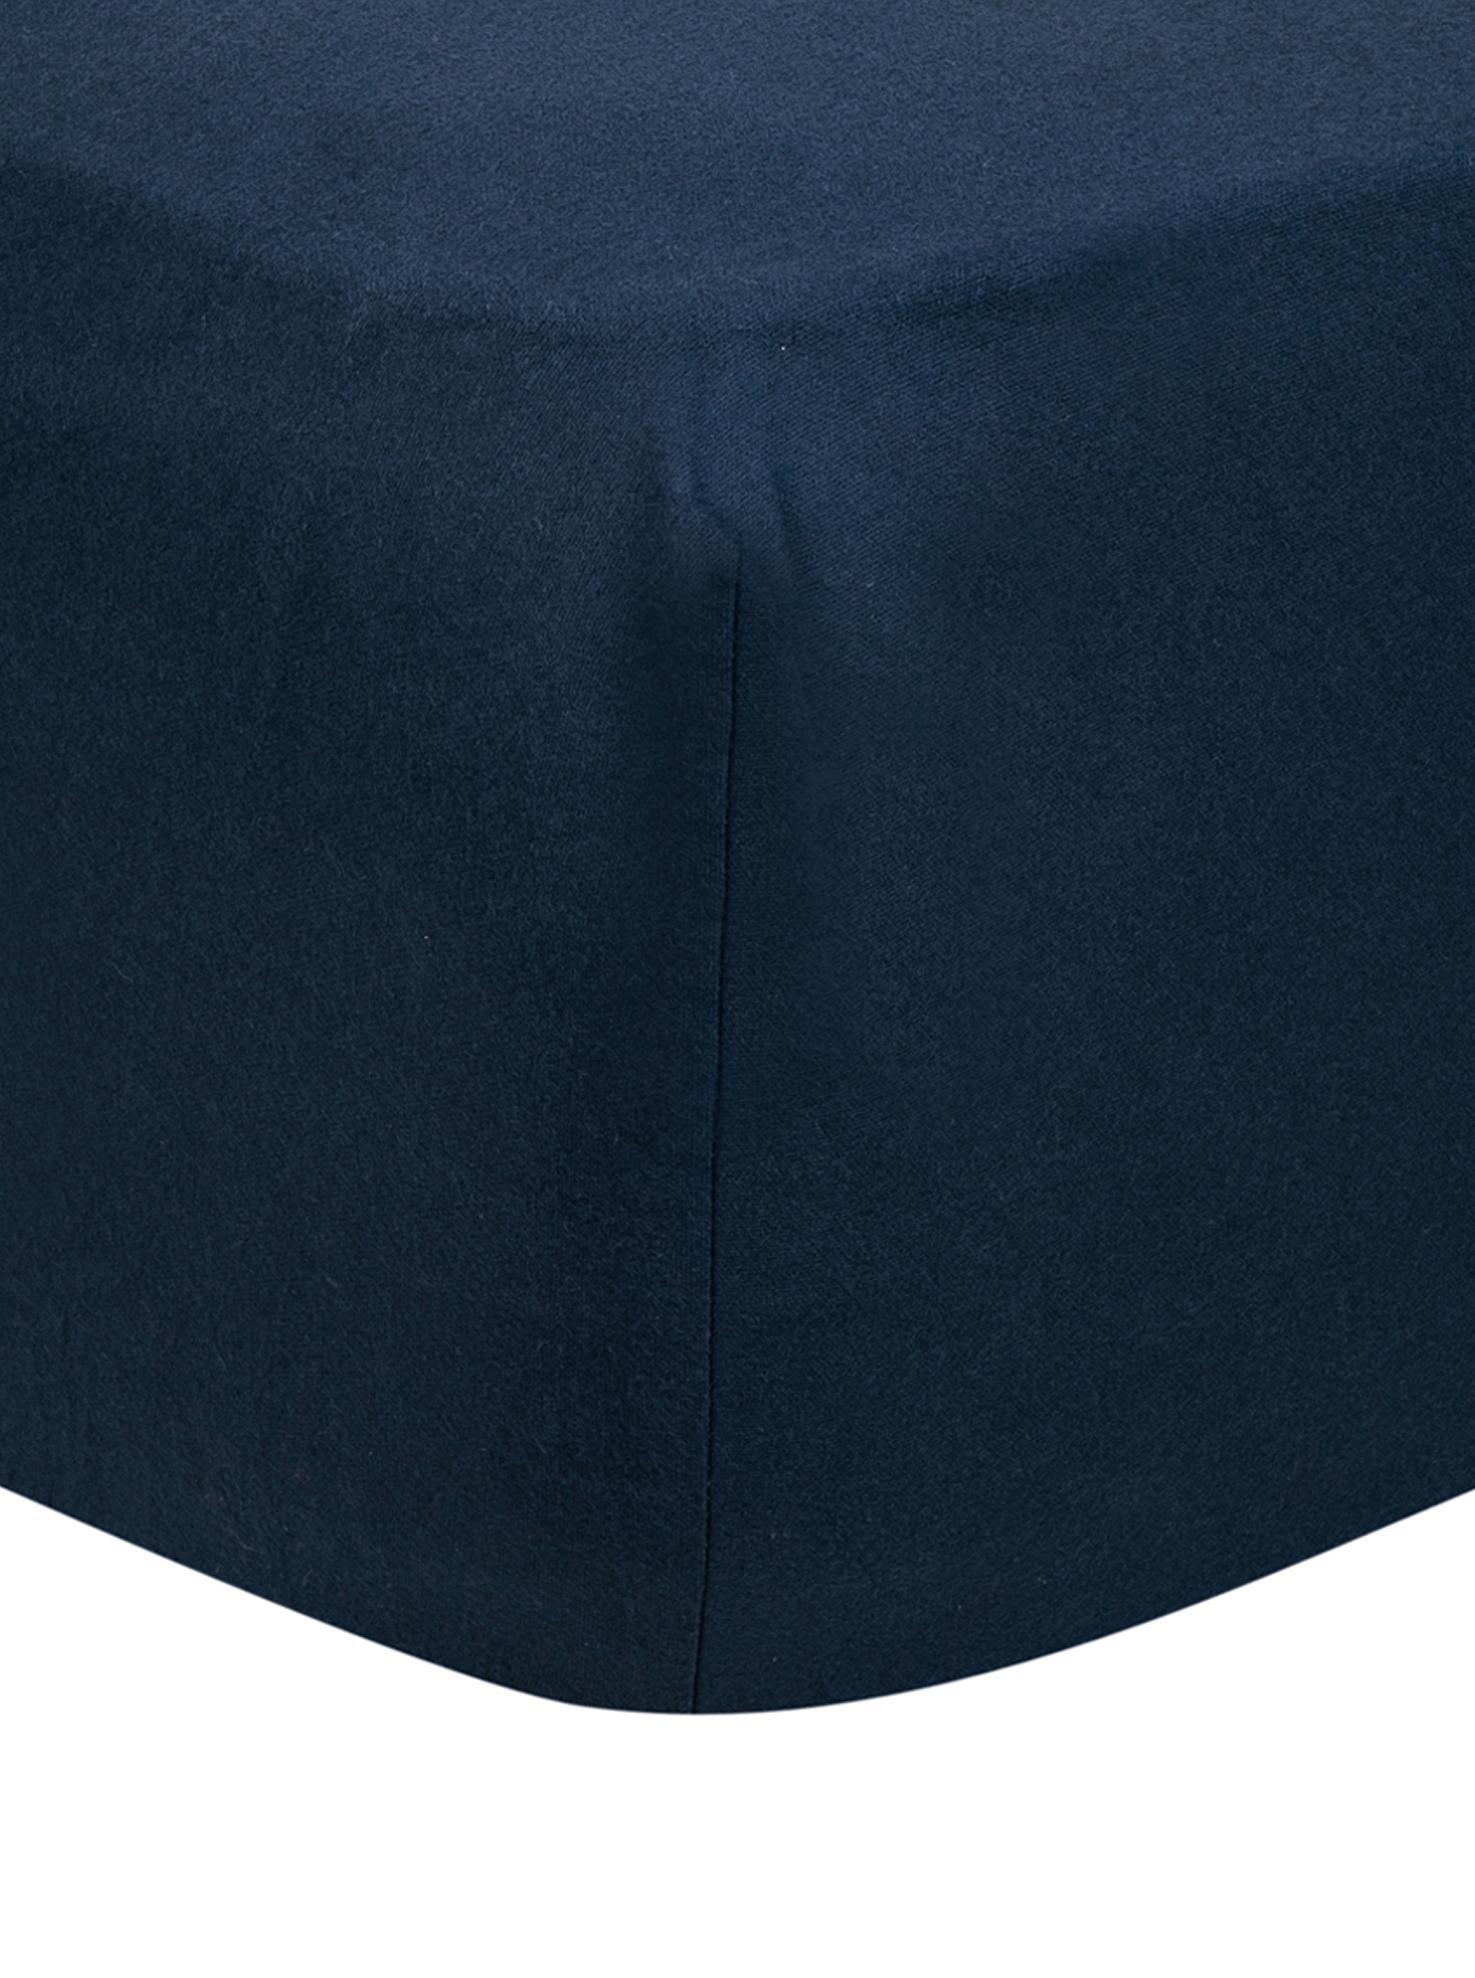 Hoeslaken Biba in marineblauw, flanel, Weeftechniek: flanel, Marineblauw, 90 x 200 cm